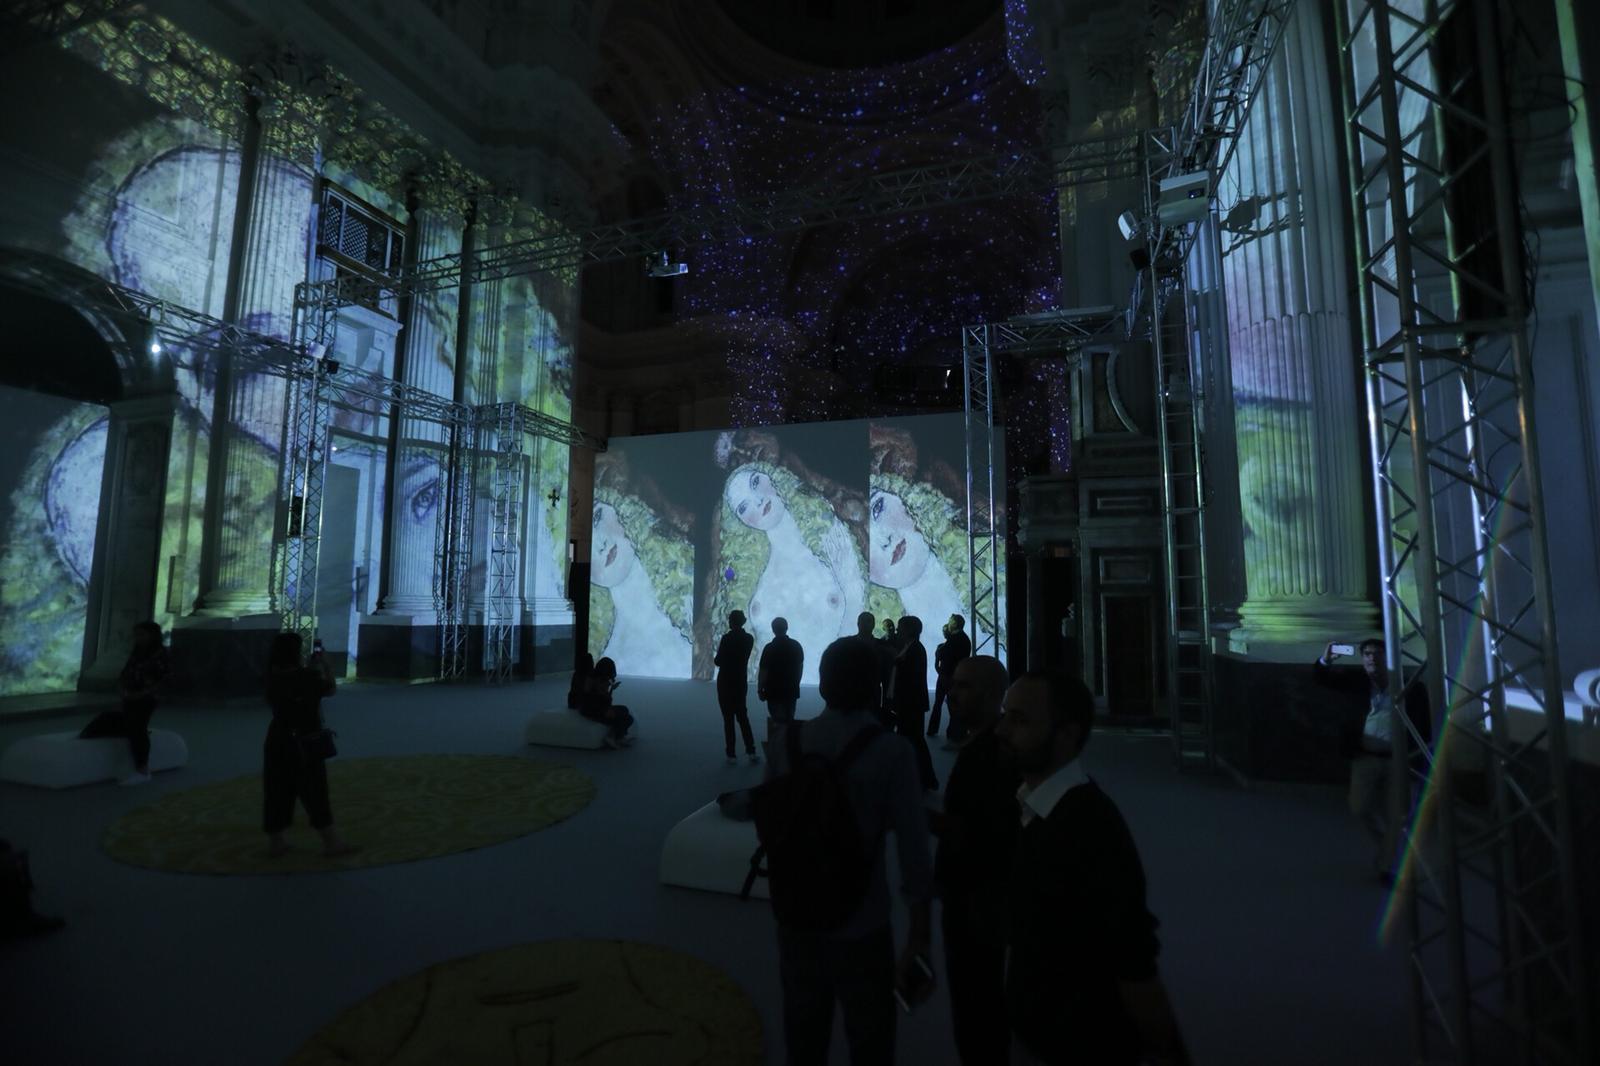 Klimt Experiencefesteggia il Natale con offerte speciali ai propri visitatori